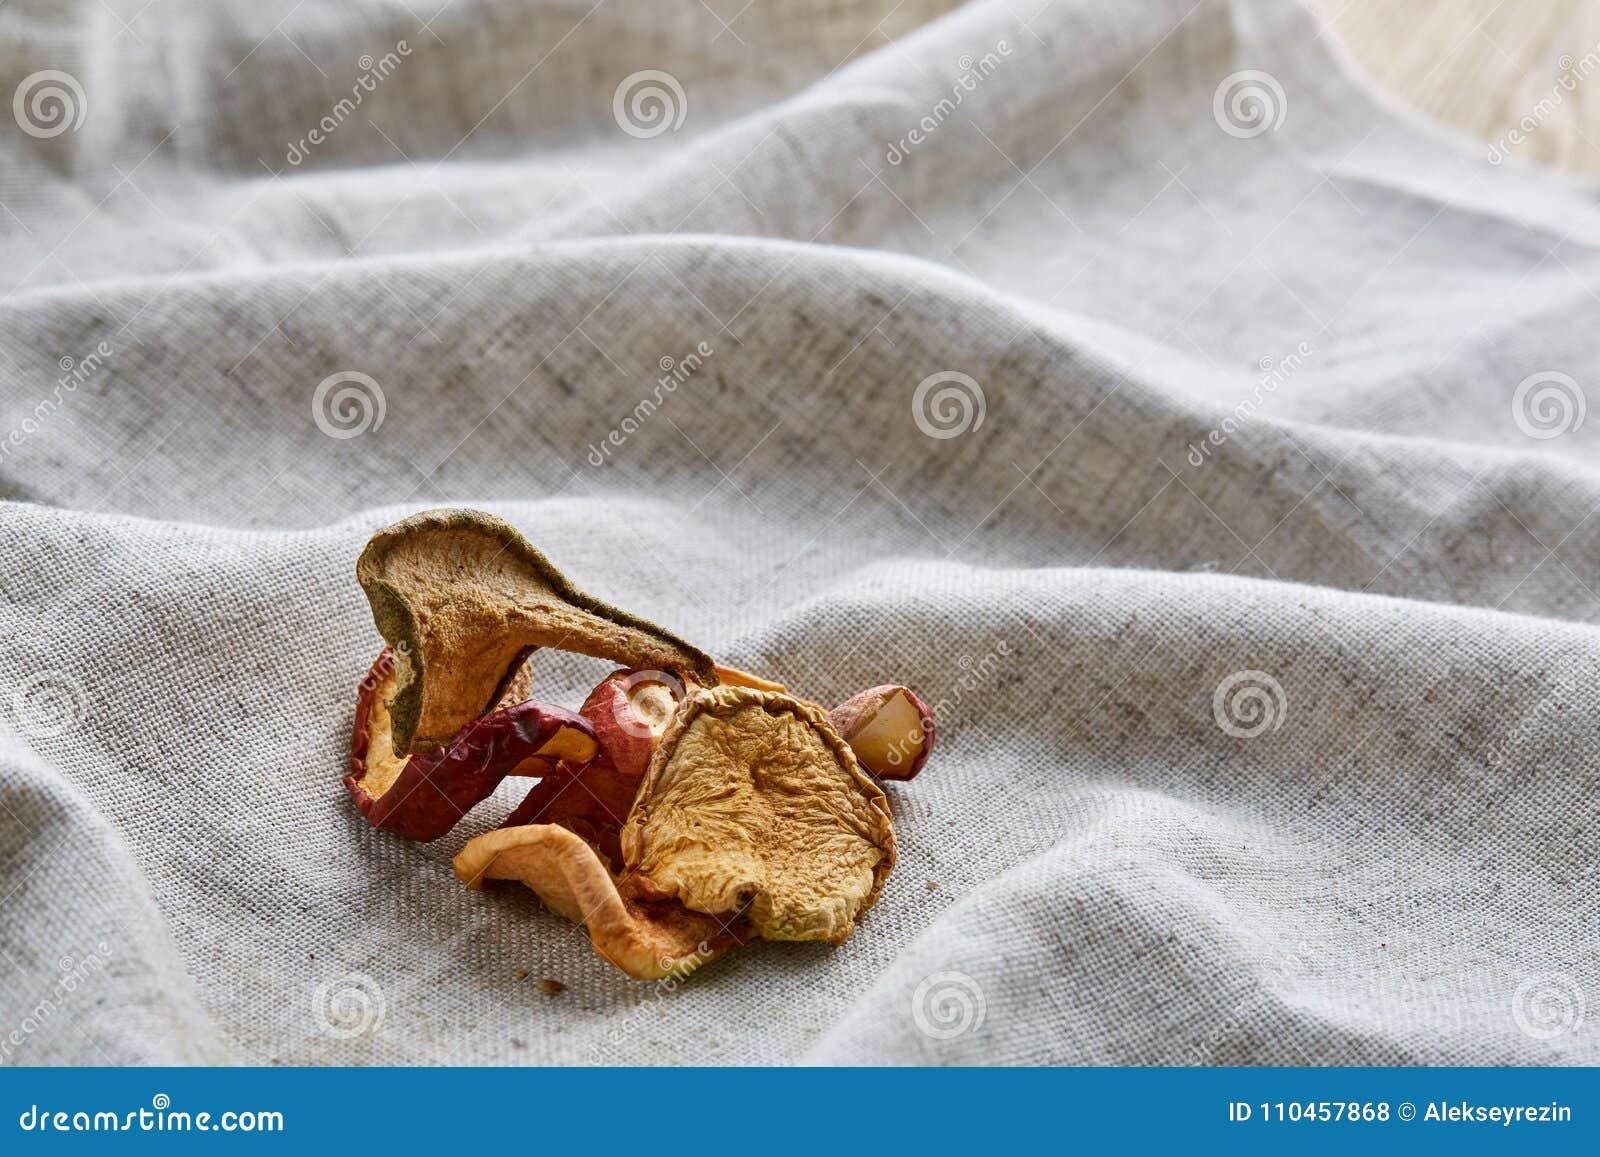 Närbildbild för bästa sikt av torkade äpplen på den ljusa bomullsbordduken, selektiv fokus